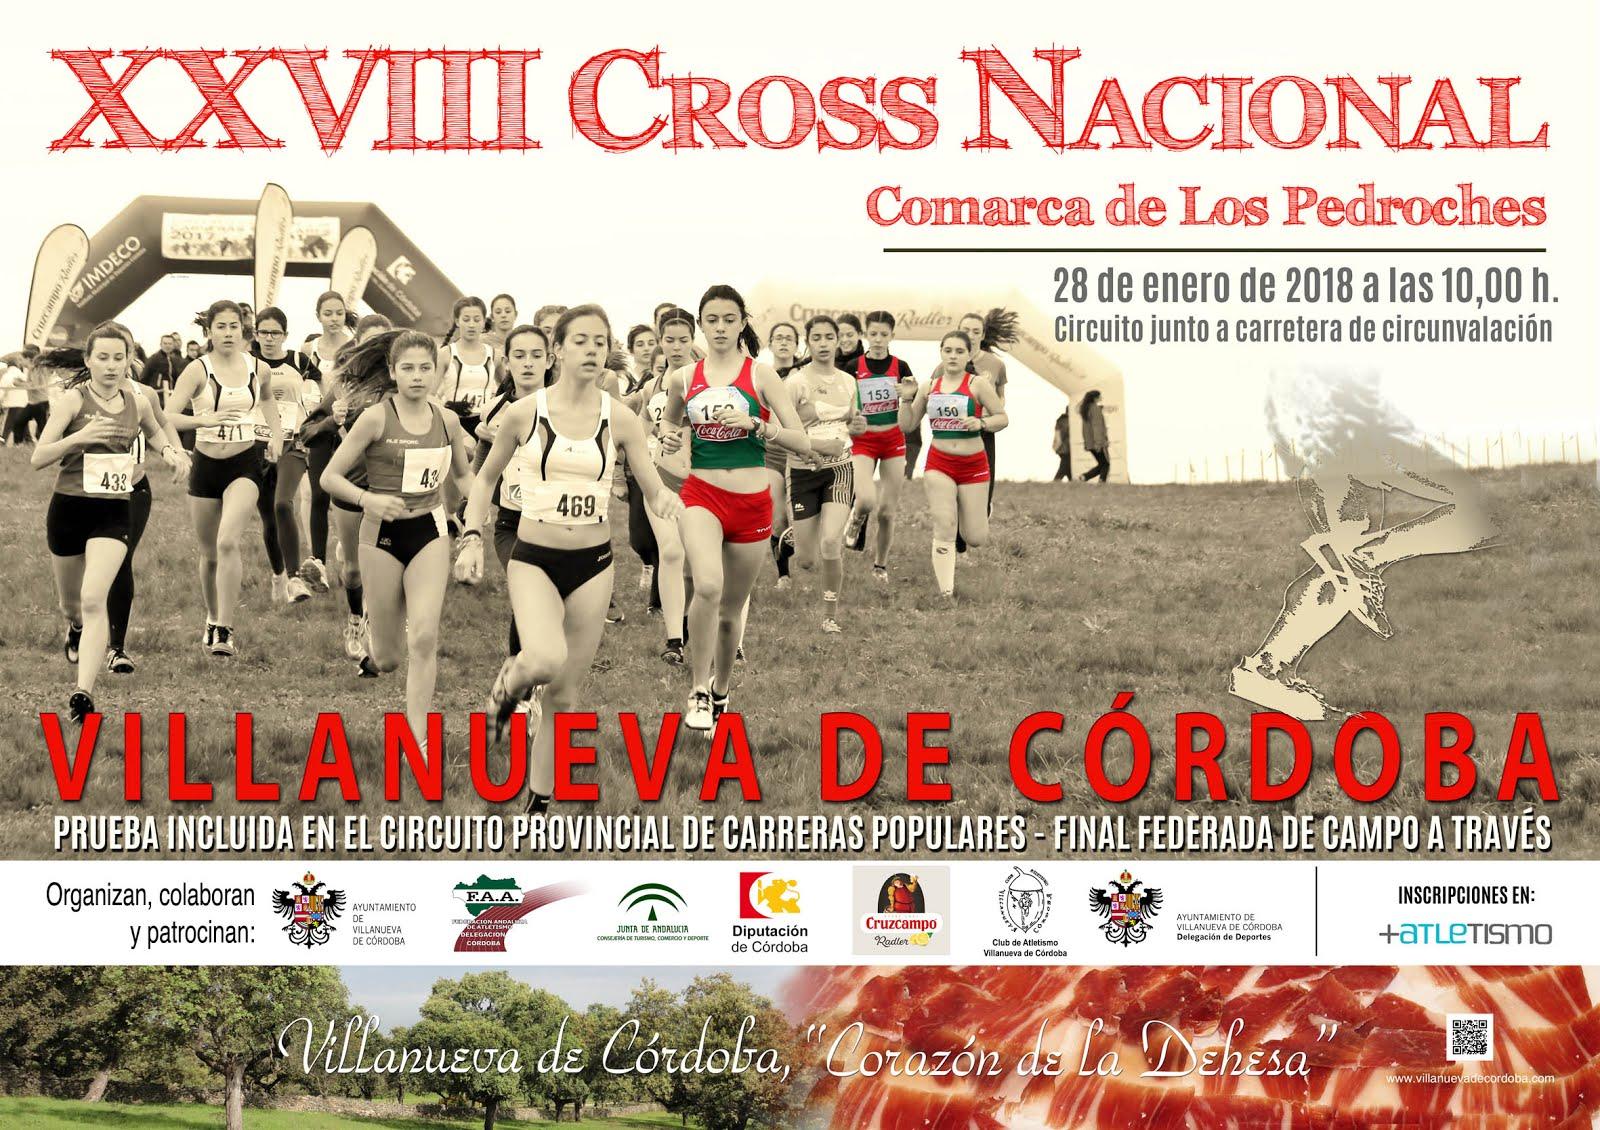 XXVIII Cross Nacional omarca de Los Pedroches